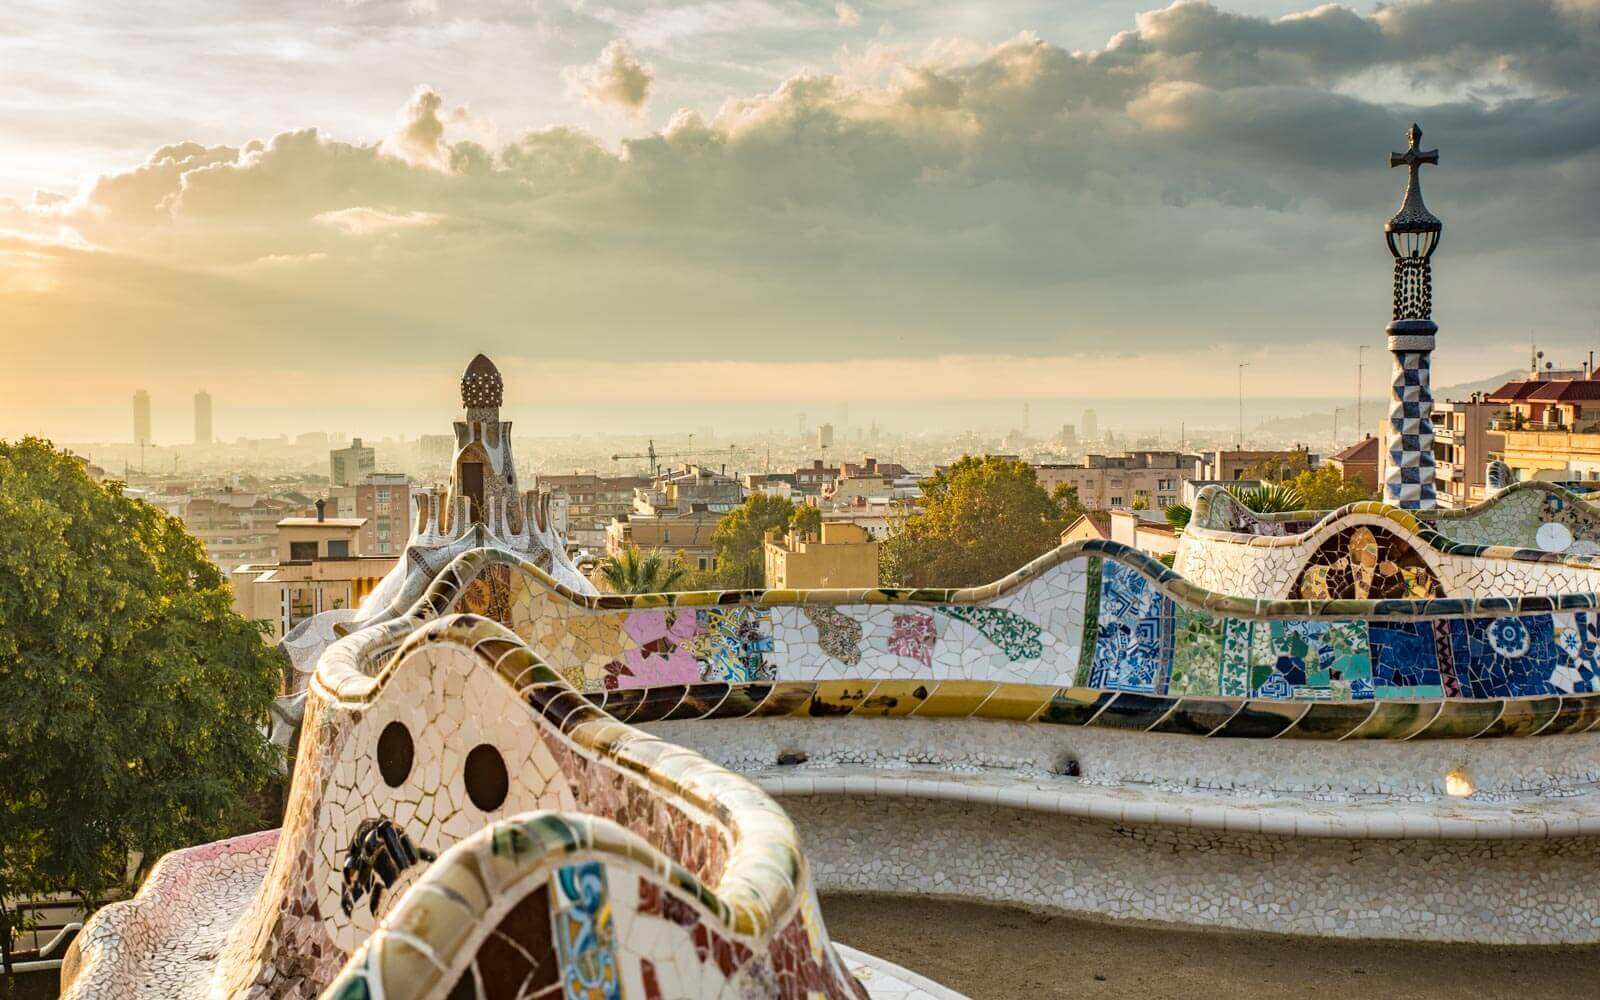 Vista da cidade de Barcelona - Parque Güell